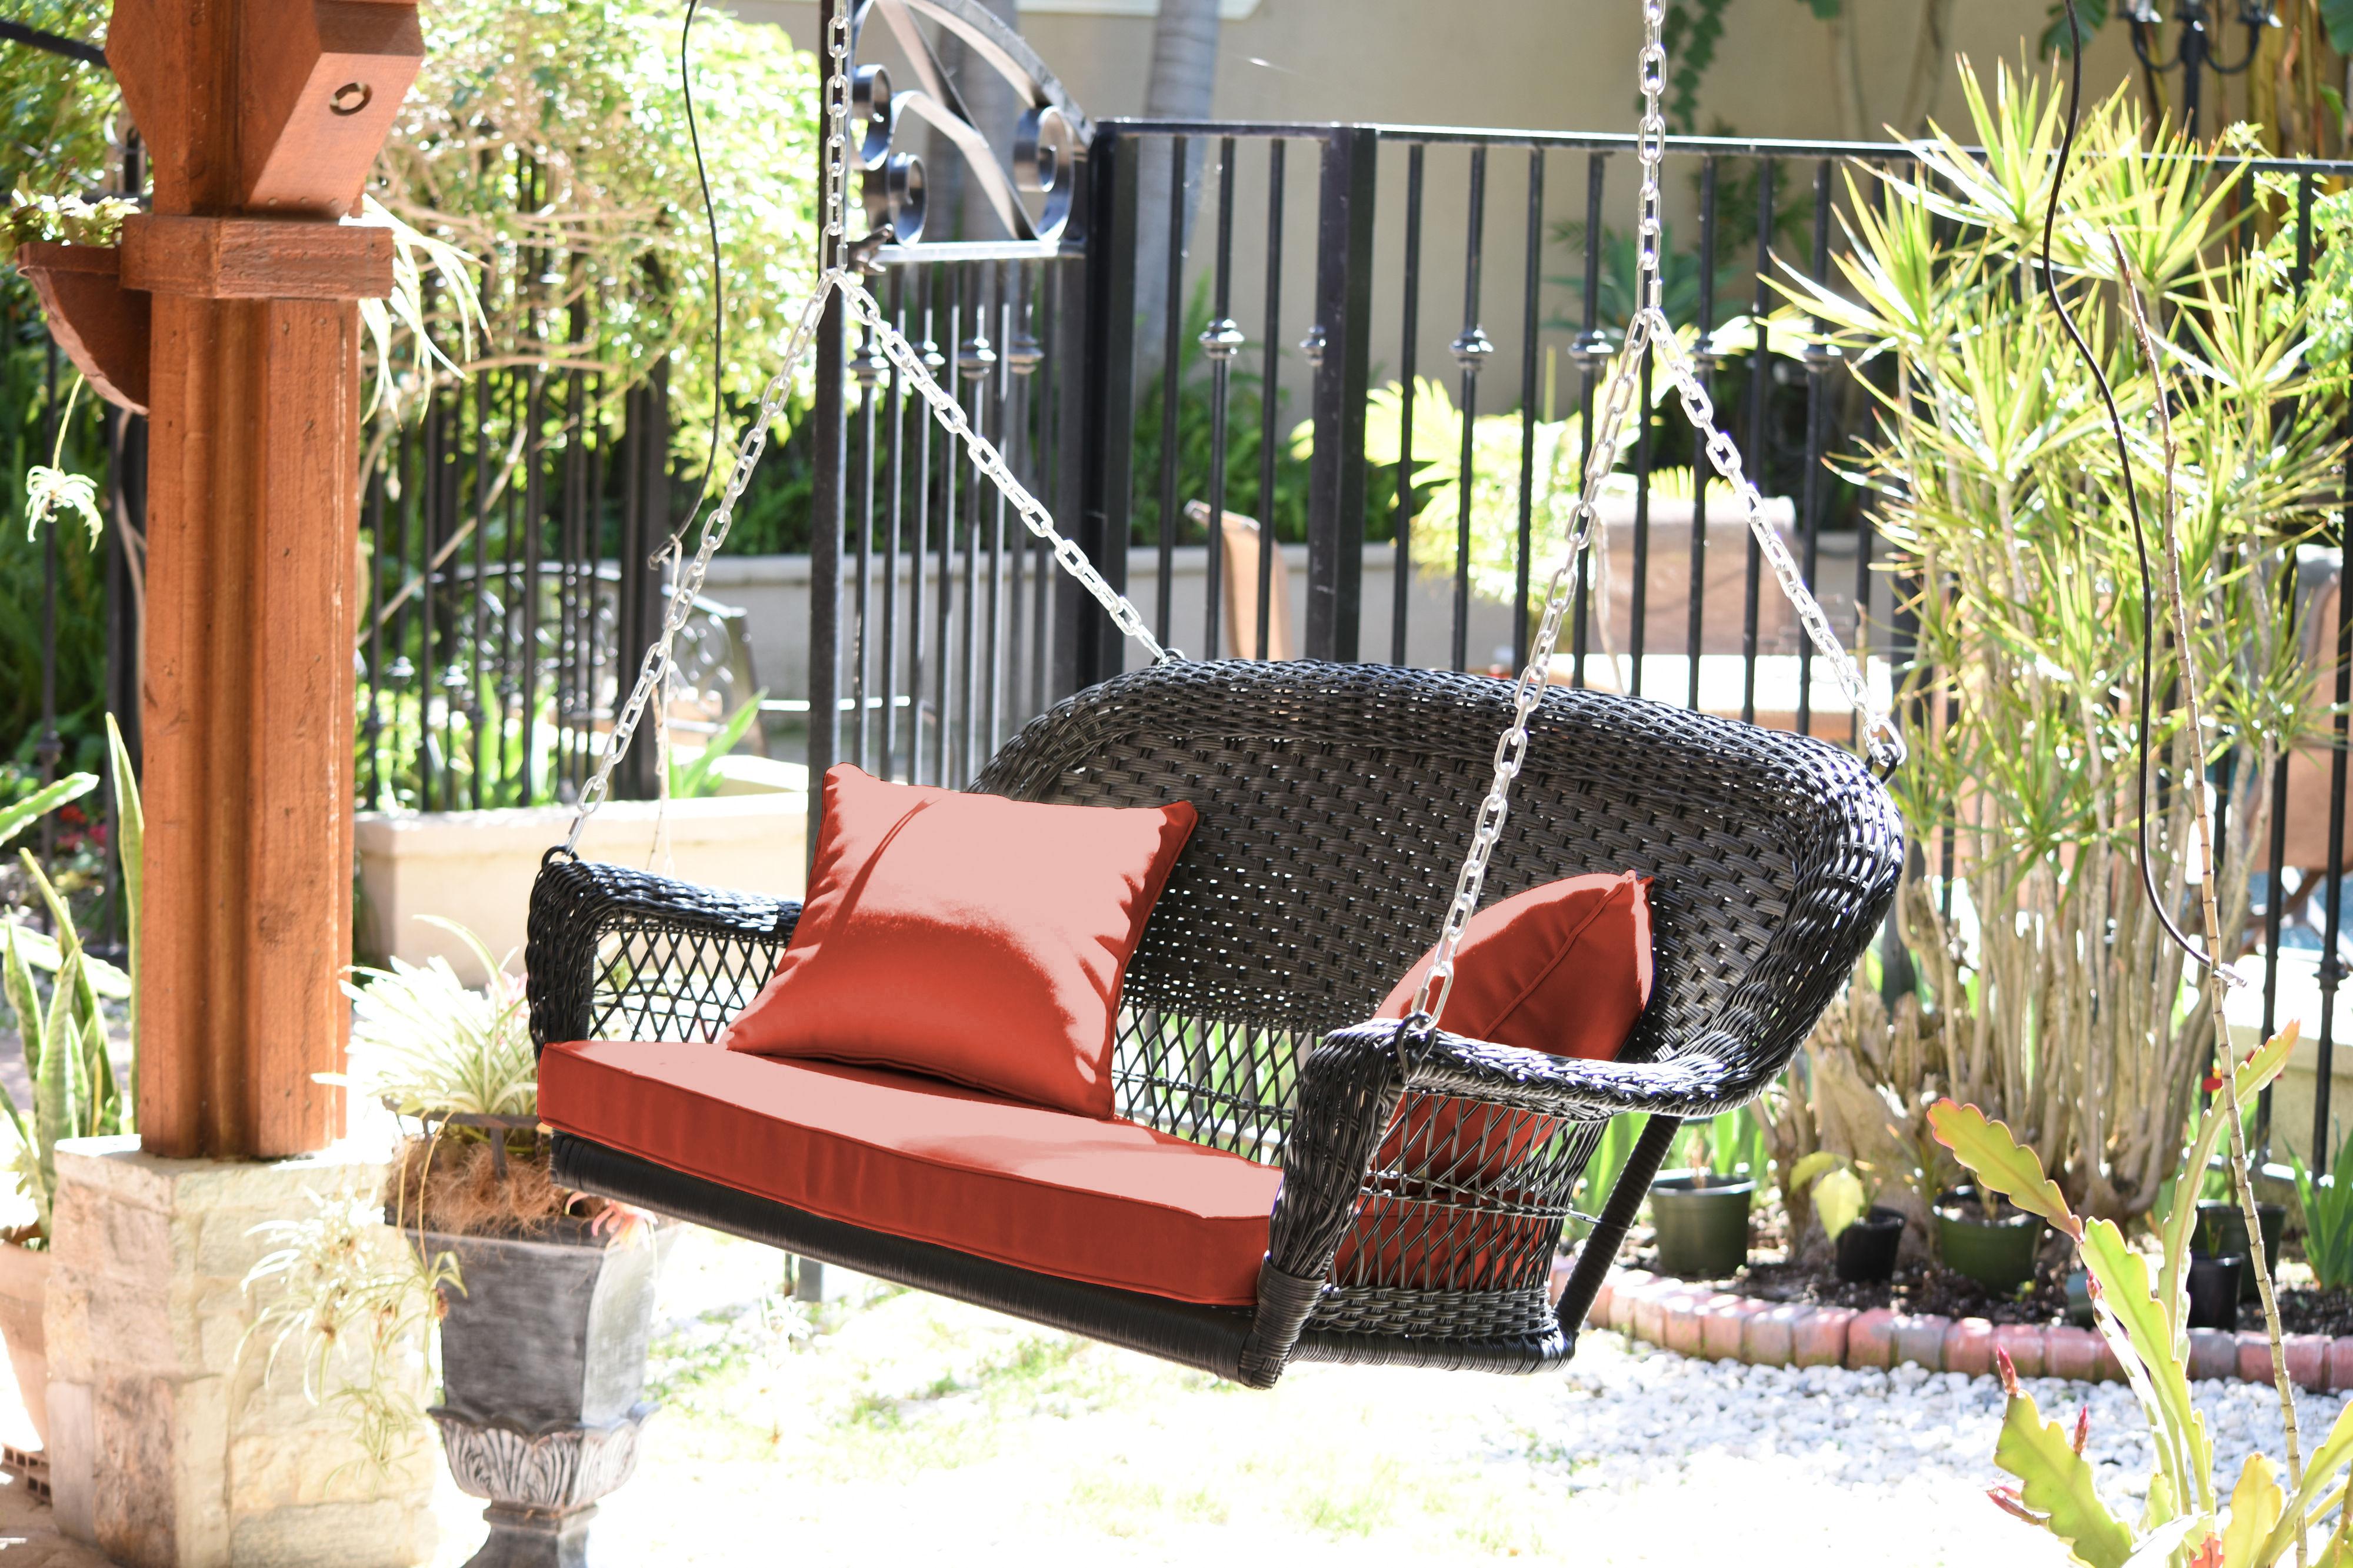 Jeco W00207S-D-FS007 Wicker Porch Swing Black